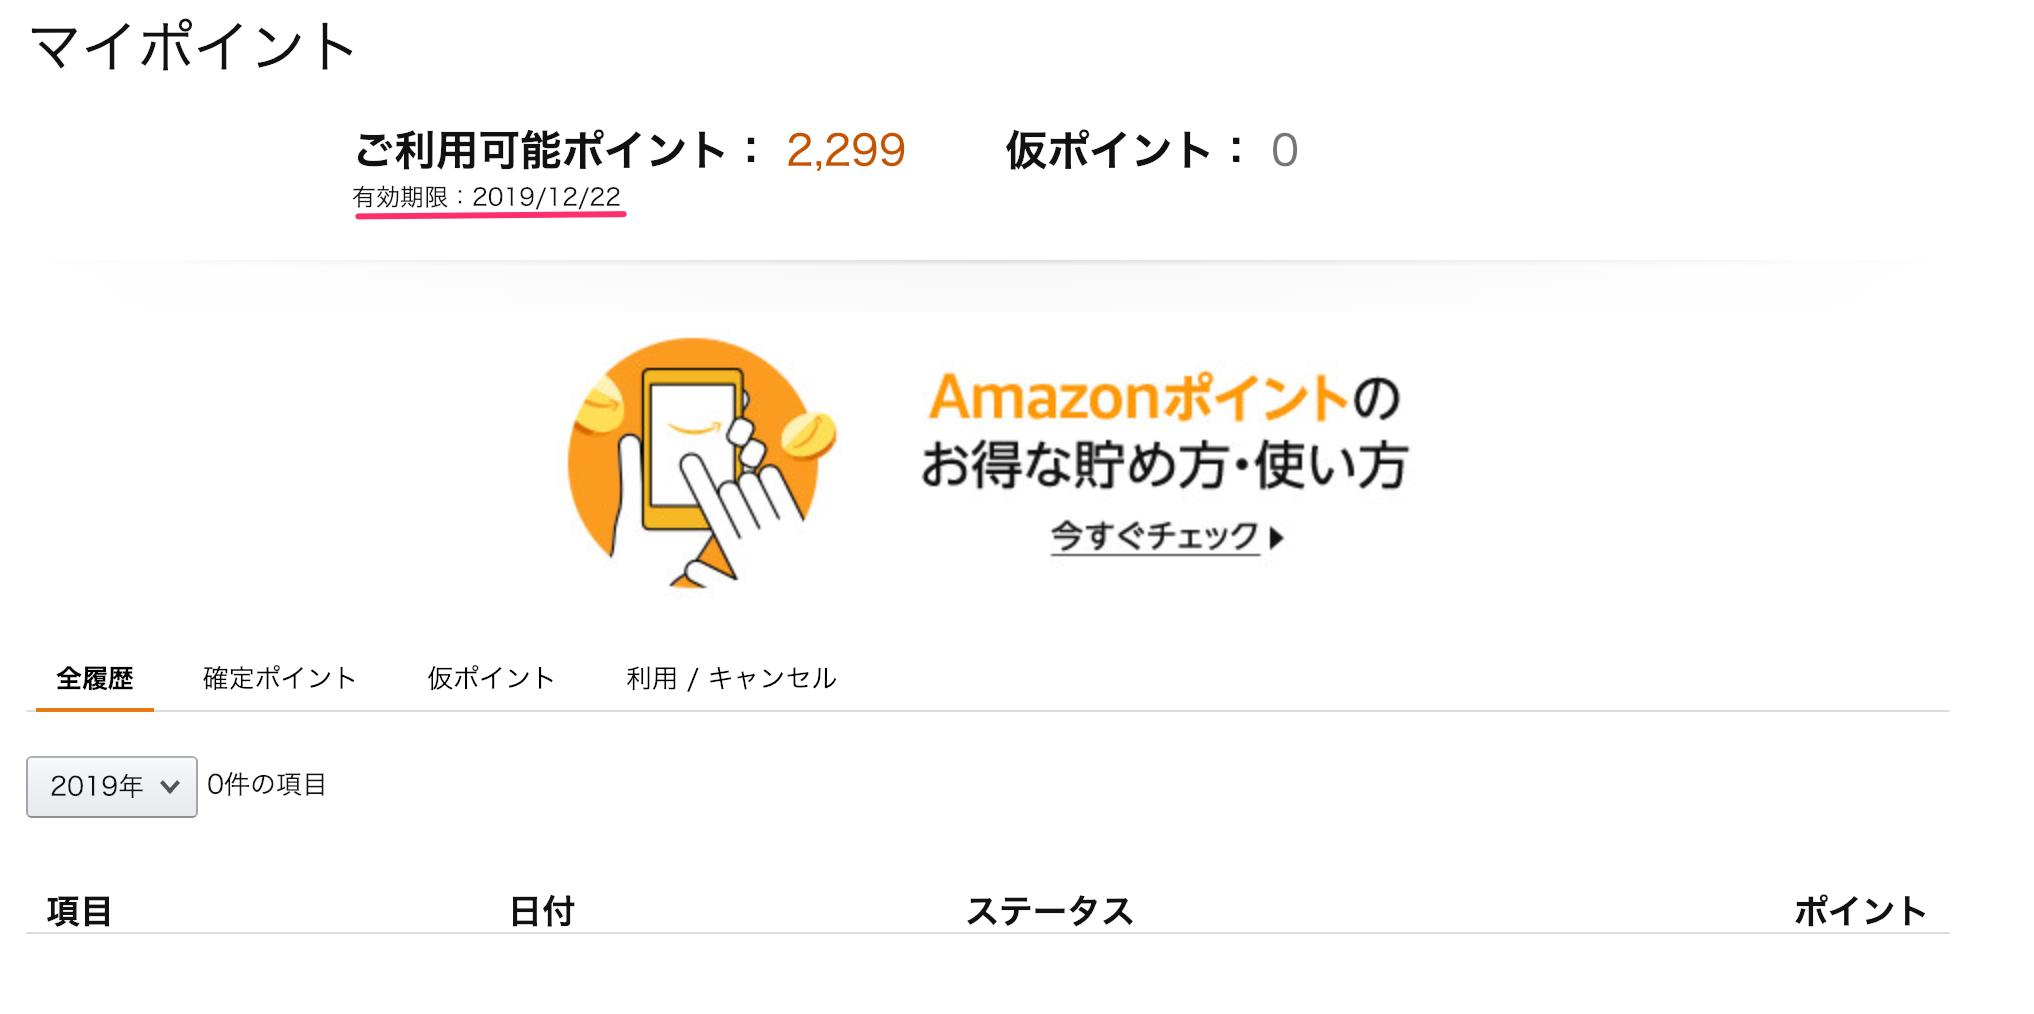 有効期限が表示されたAmazonポイント